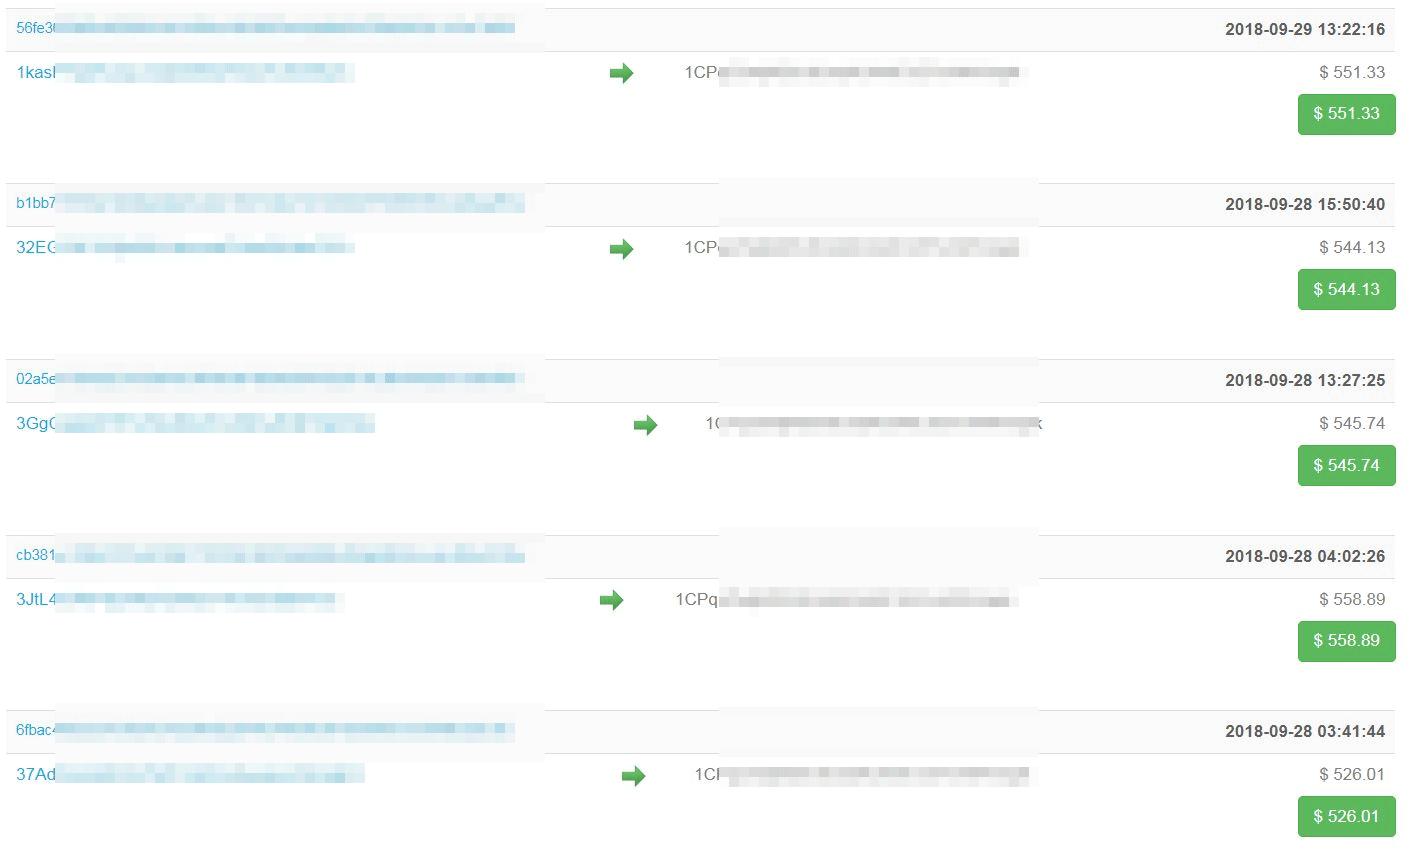 上図の詐欺メールで指定されたビットコインアドレスでのトランザクションの一部